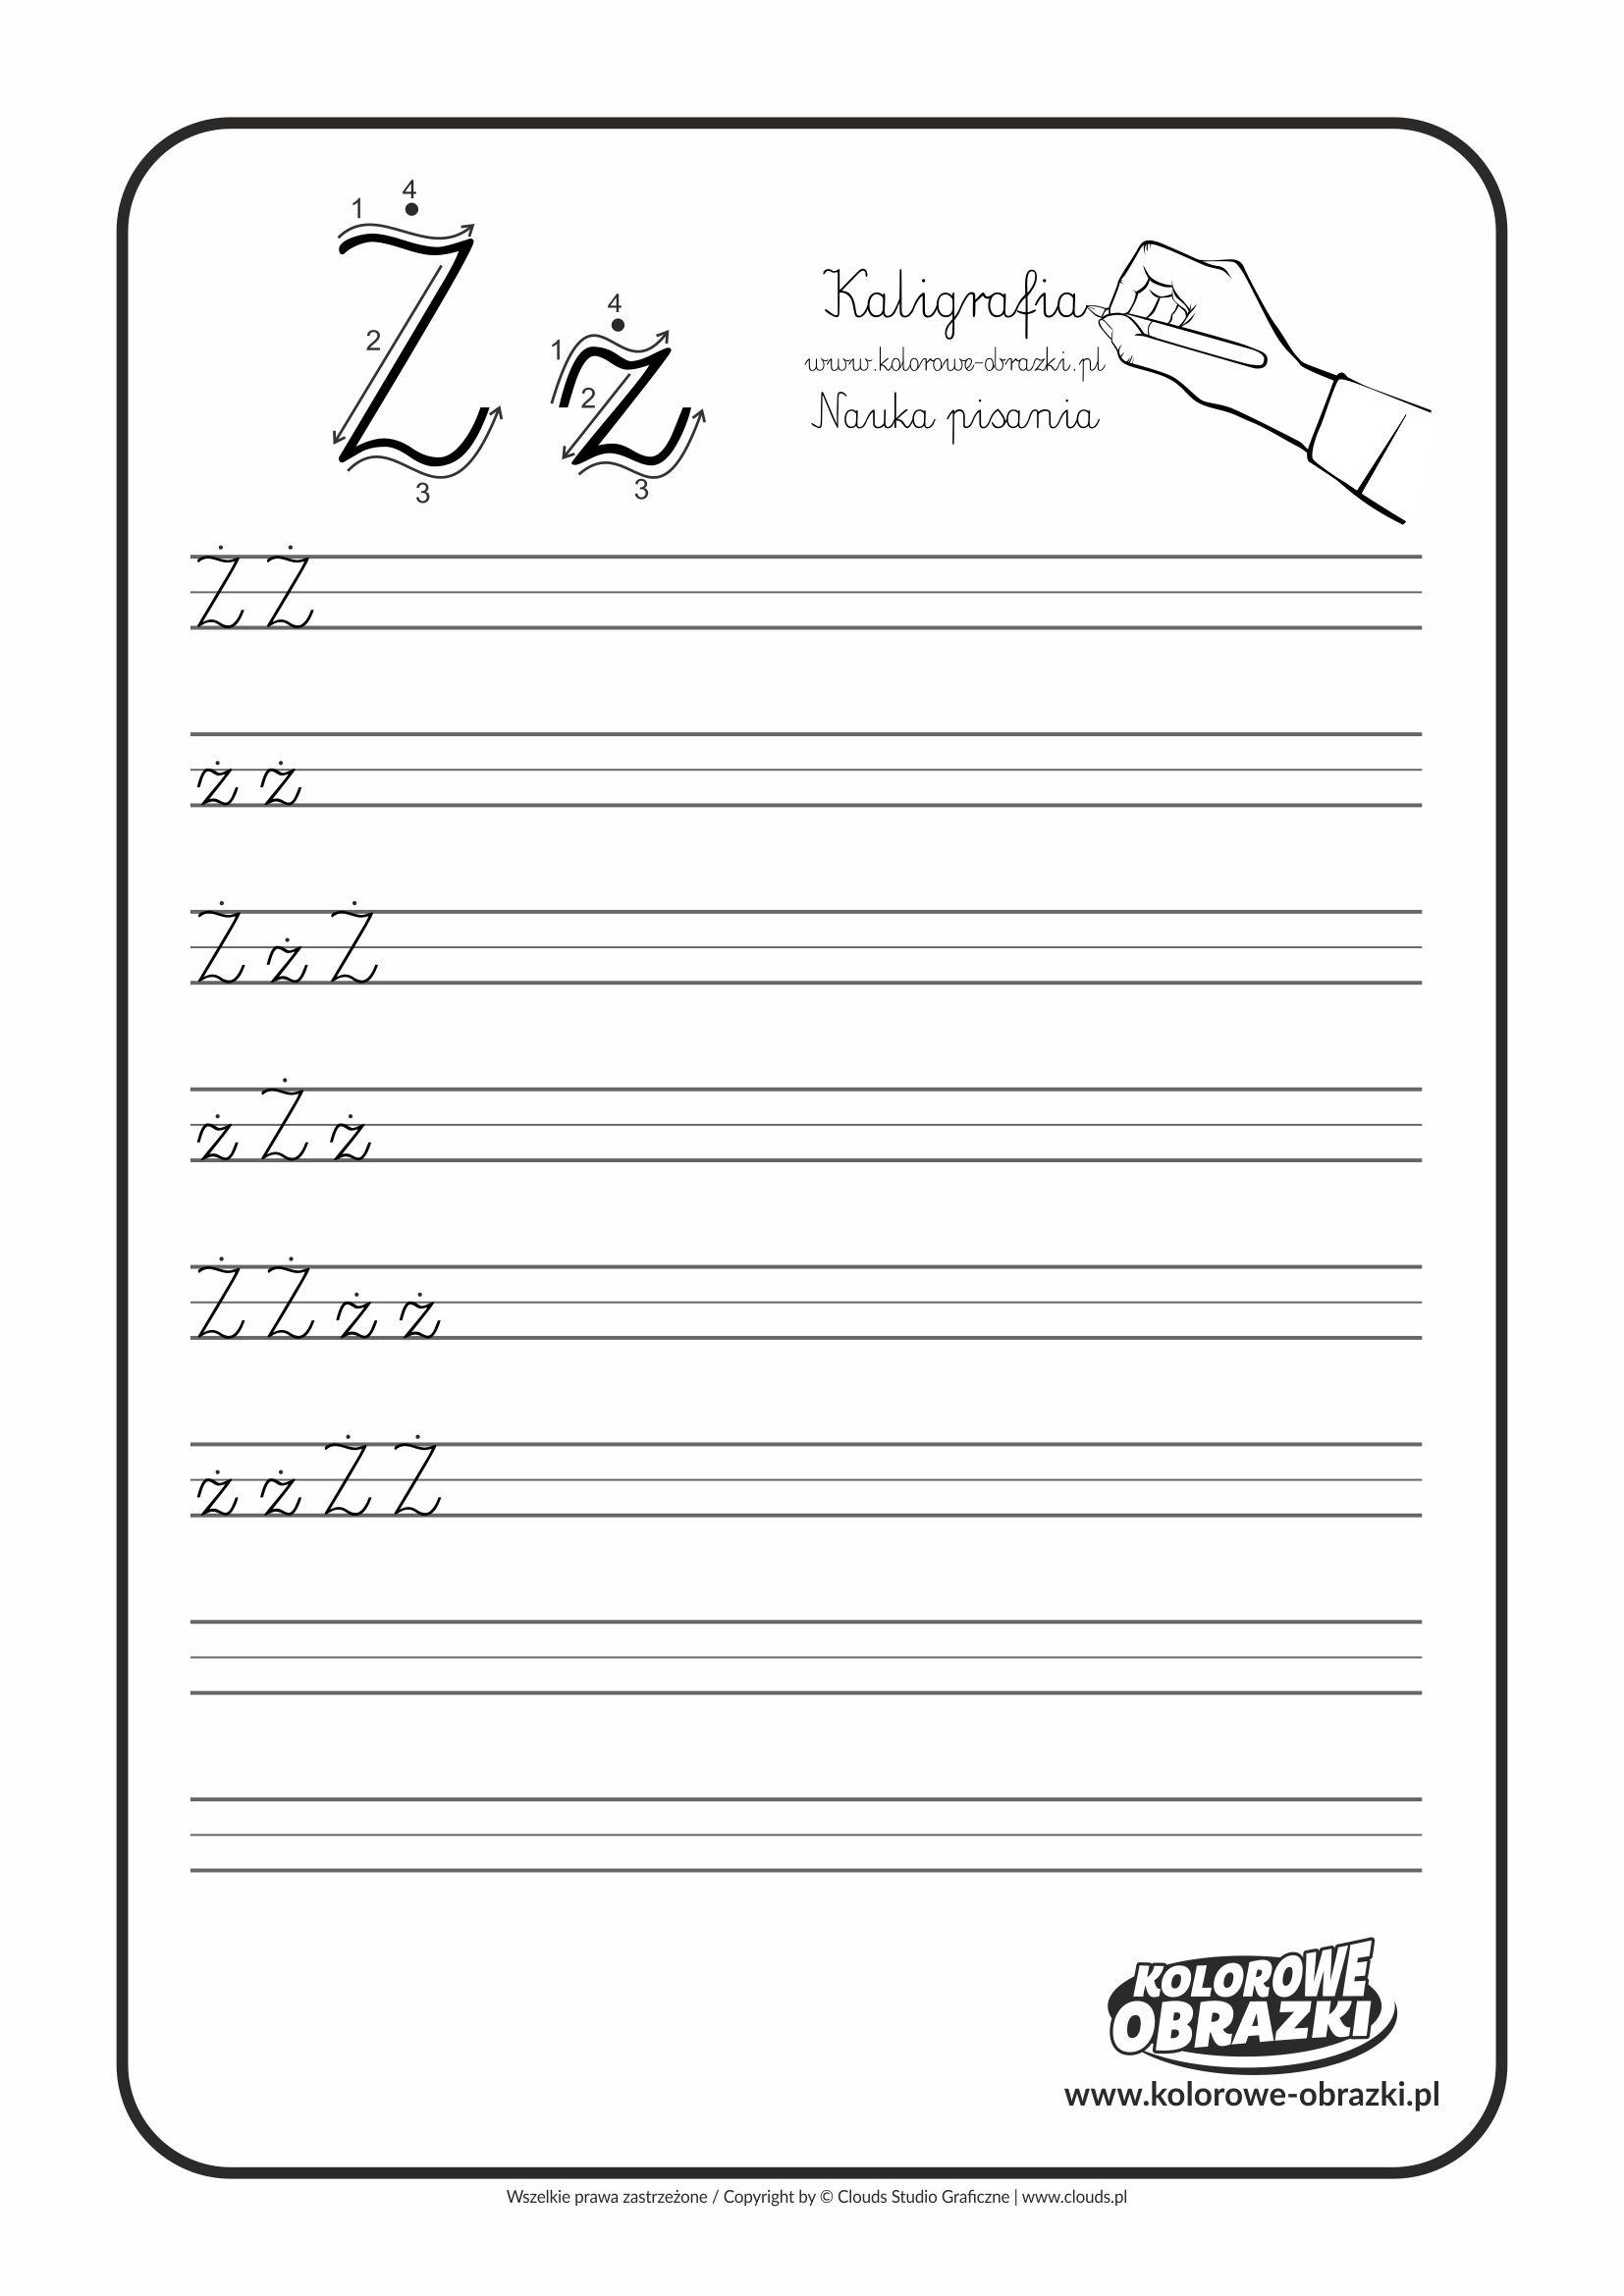 Kaligrafia Dla Dzieci Cwiczenia Kaligraficzne Litera Z Nauka Pisania Litery Z Math Projects To Try Math Equations